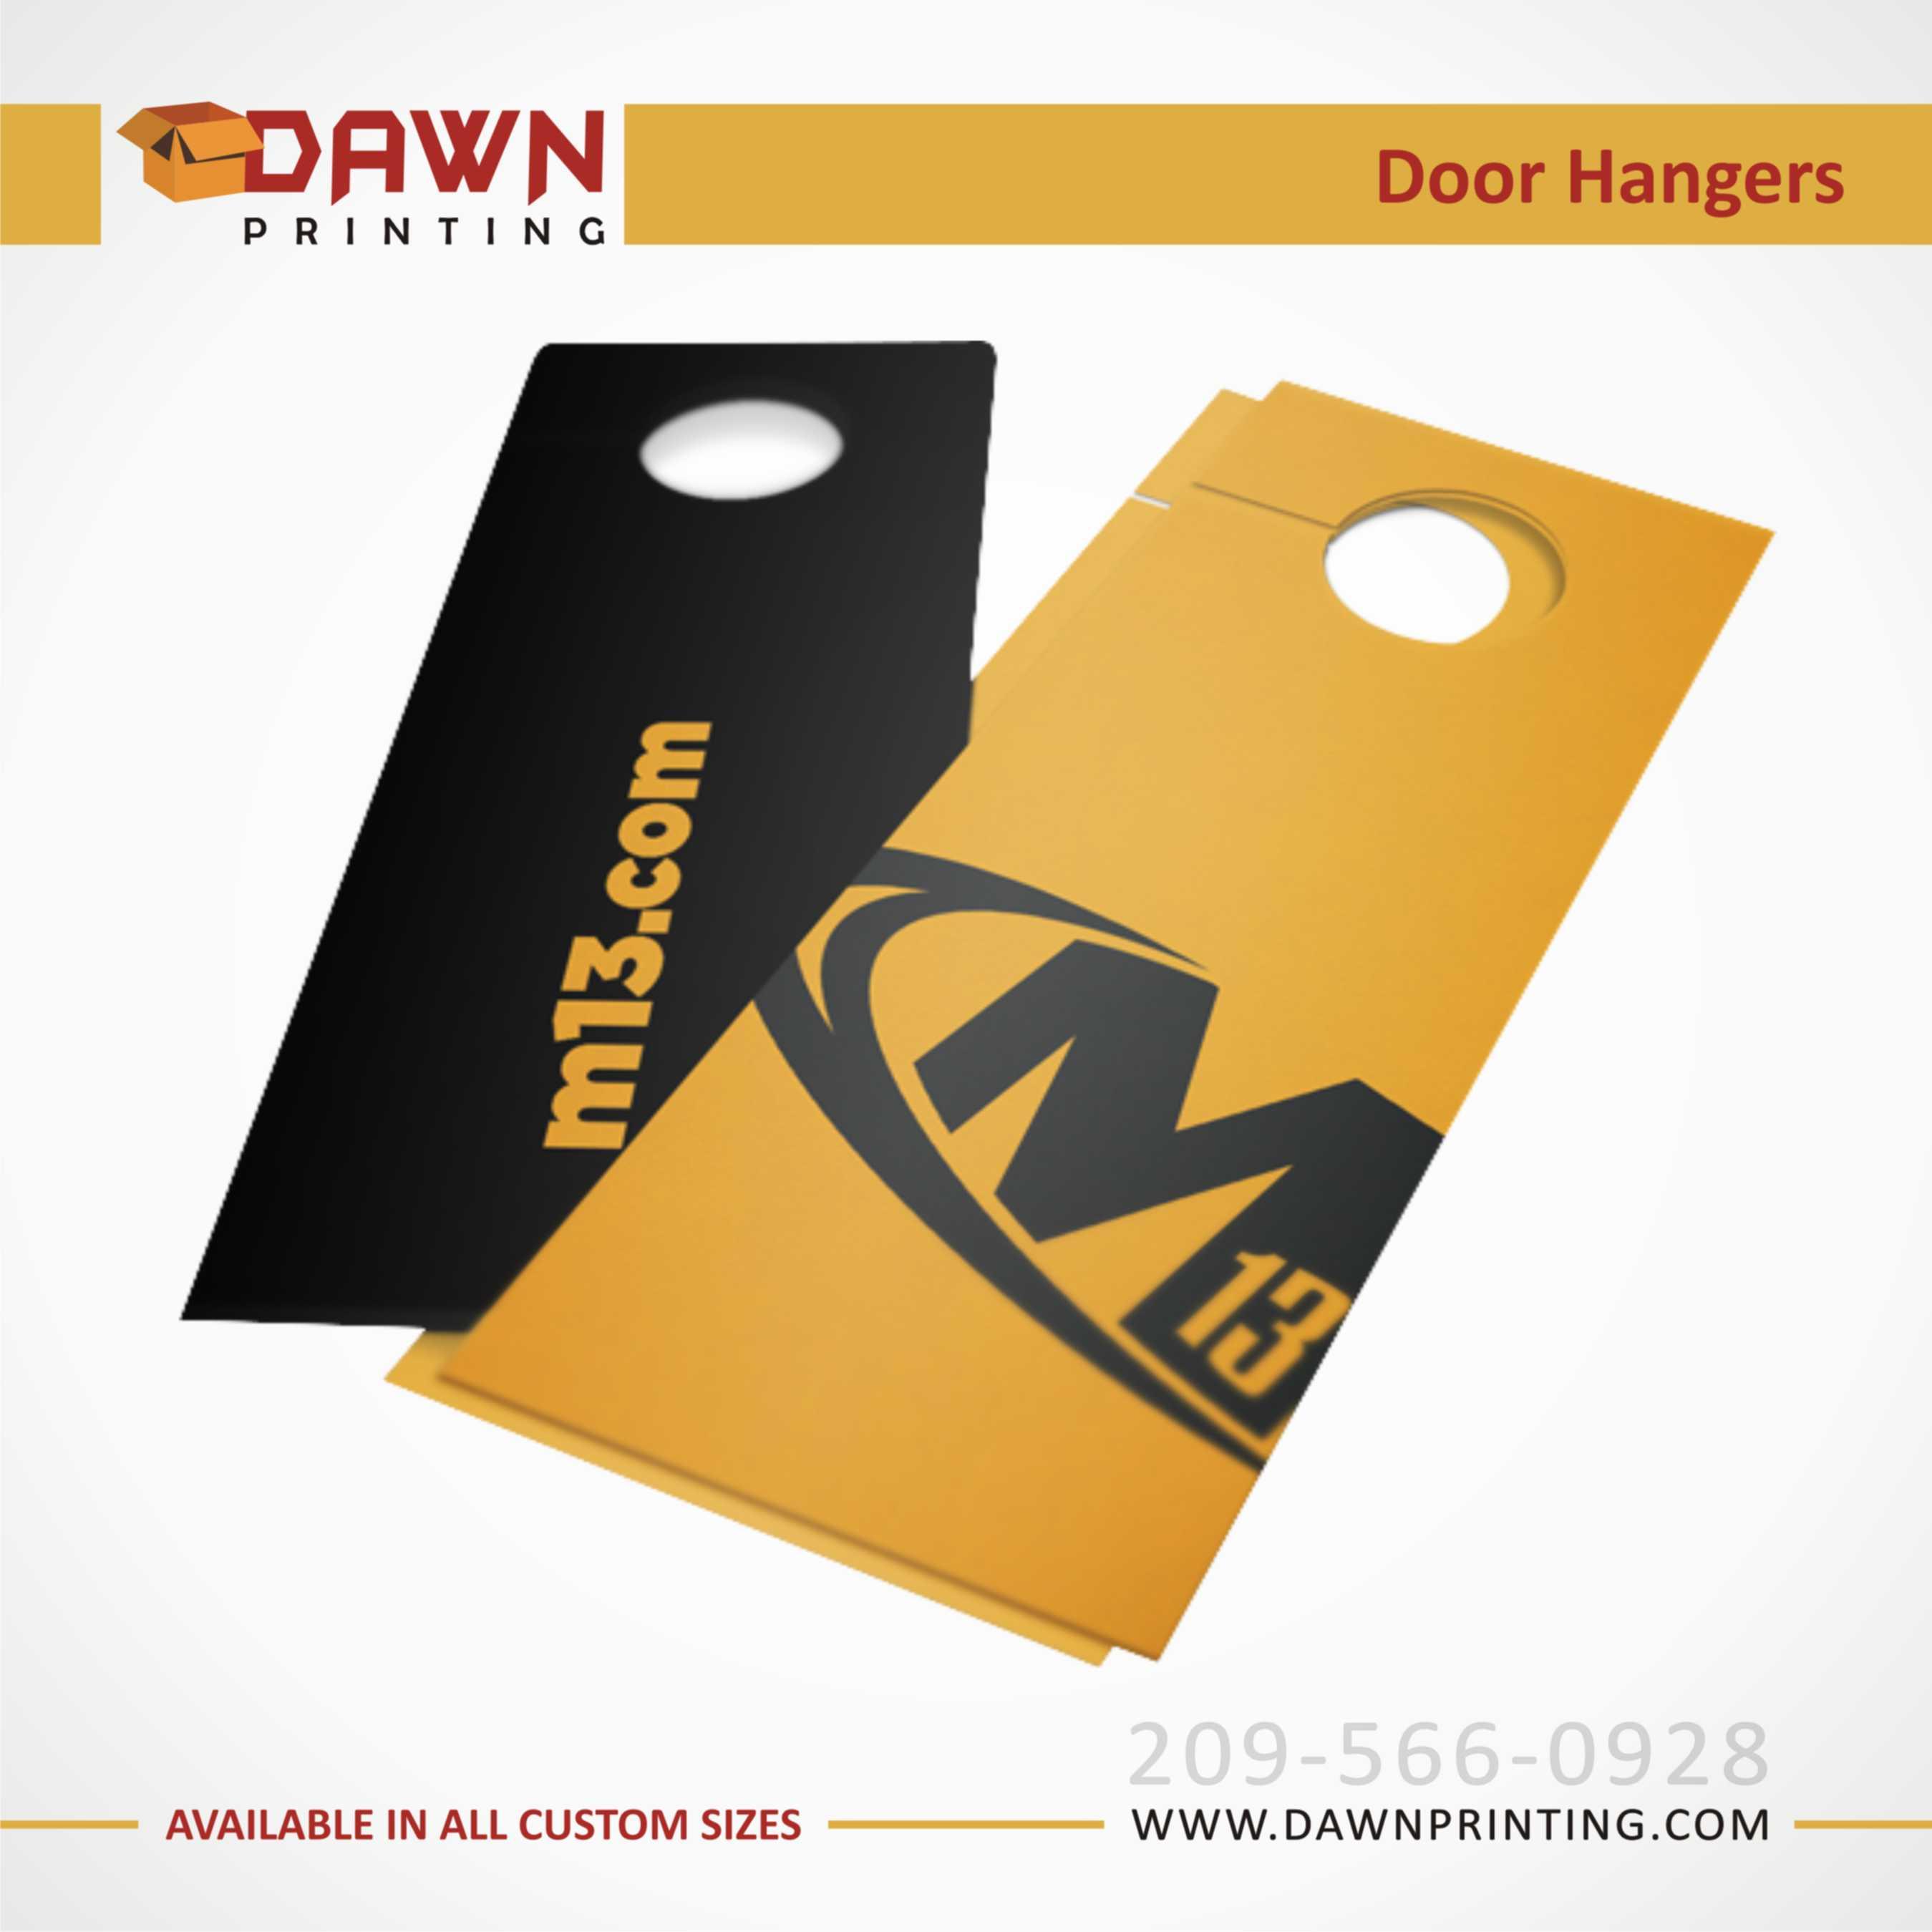 door knob hangers printing photo - 6